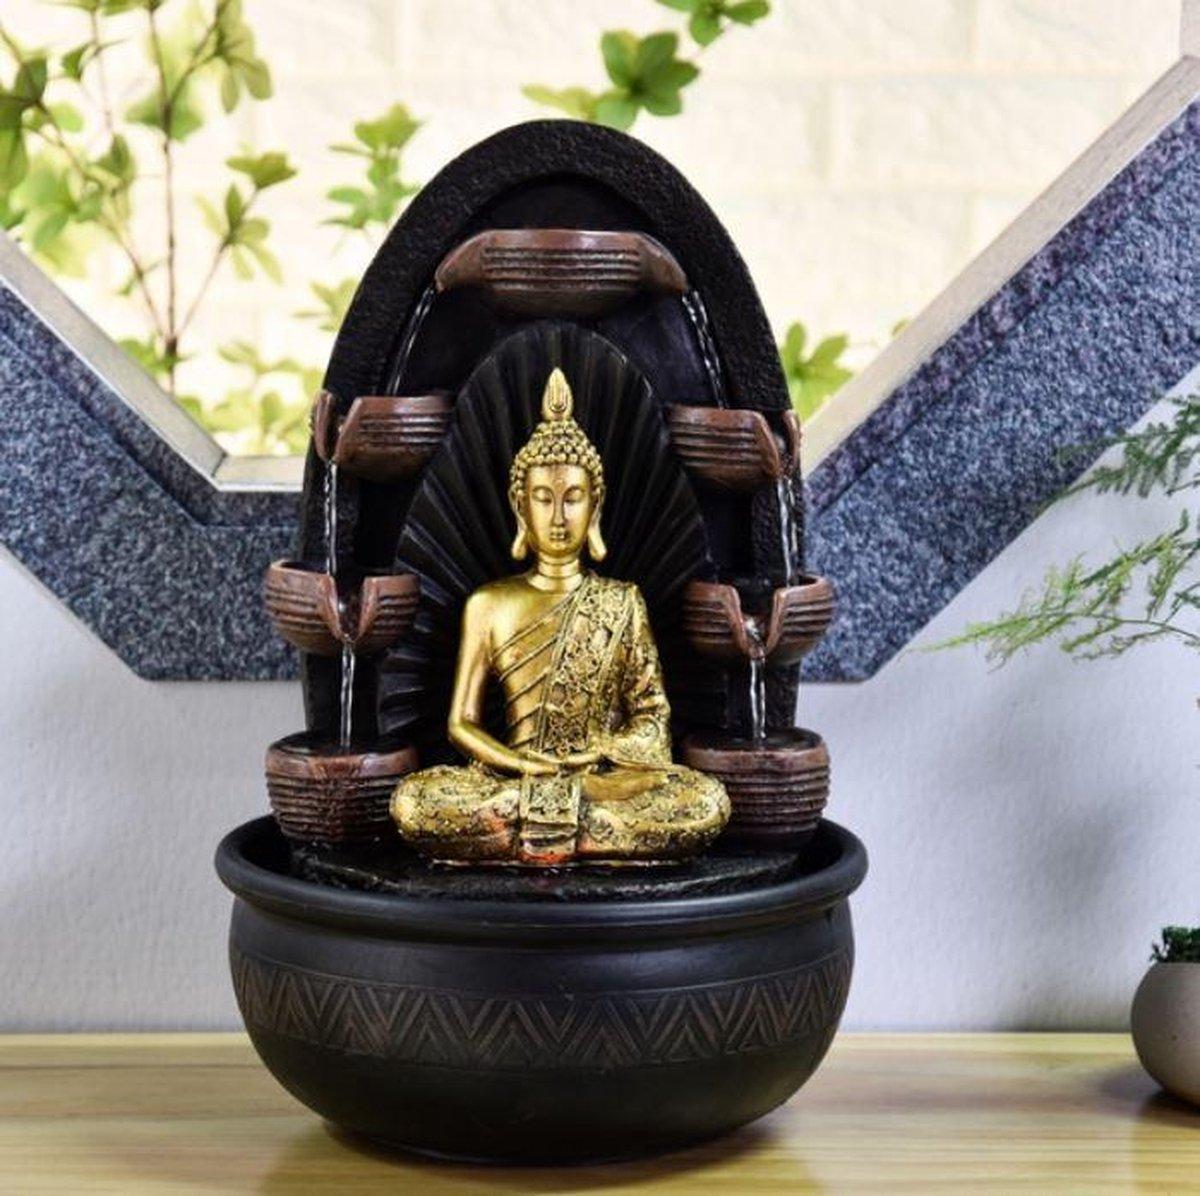 Boeddha Chakra Relax - fontein - interieur - fontein voor binnen - relaxeer - zen - waterornament - cadeau - geschenk - relatiegeschenk - origineel - lente - zomer - lentecollectie - zomercollectie - afkoeling - koelte